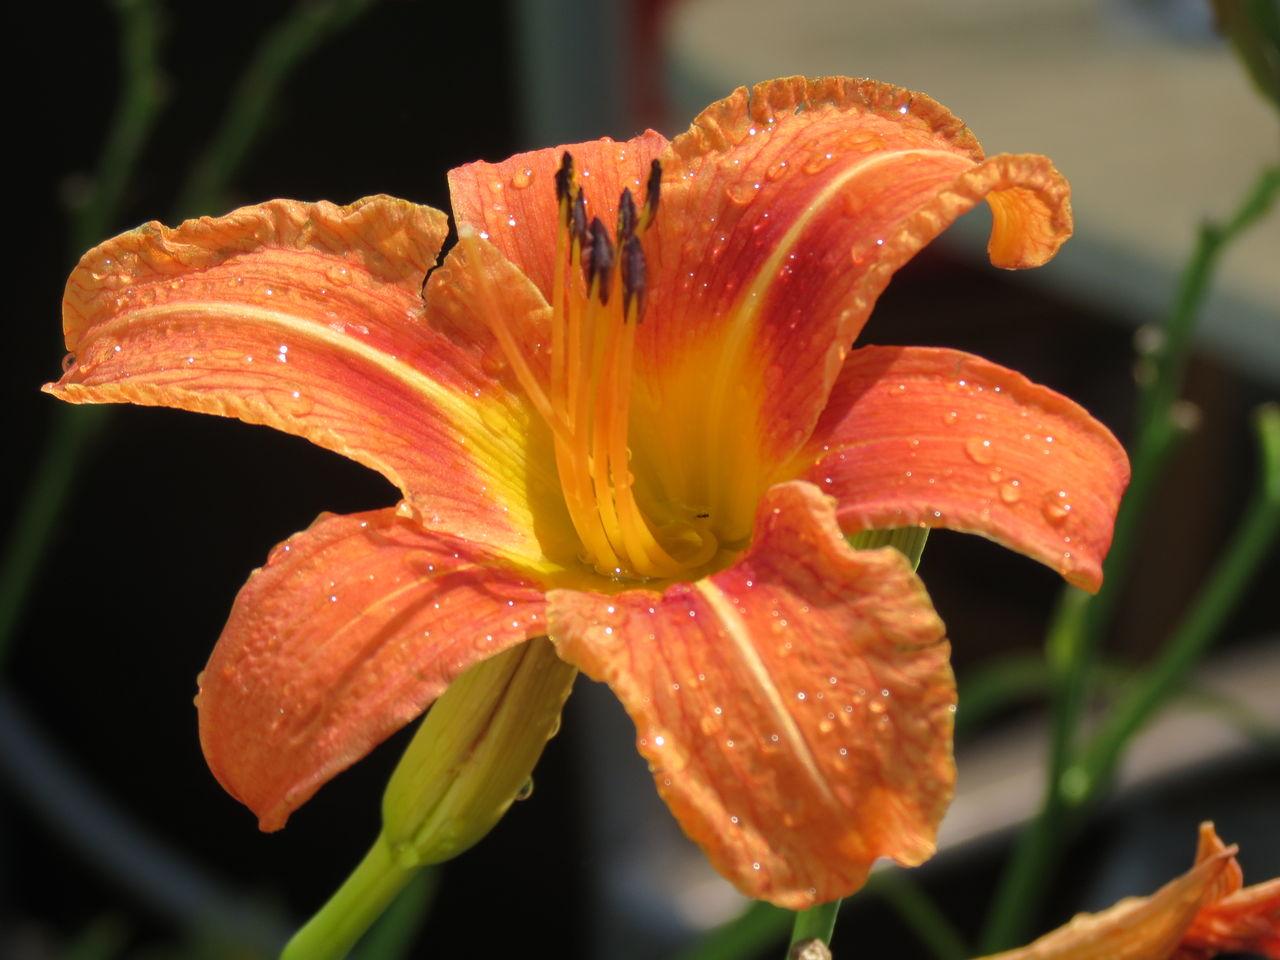 bild lilie wassertropfen blume orange von elke p bei. Black Bedroom Furniture Sets. Home Design Ideas